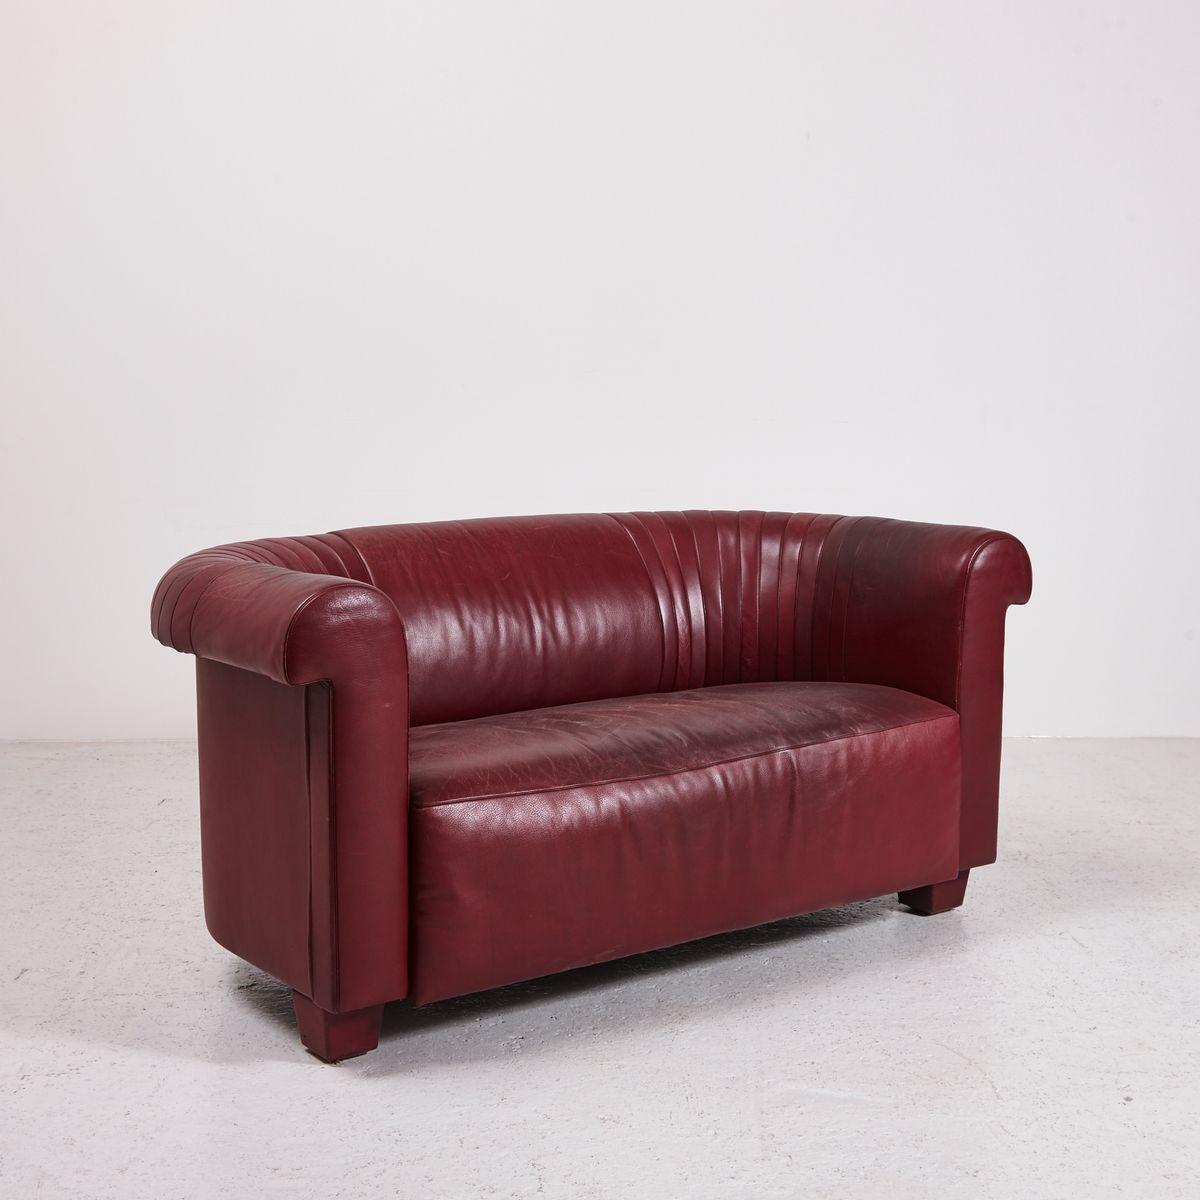 zwei sitzer sofa 1970er bei pamono kaufen. Black Bedroom Furniture Sets. Home Design Ideas